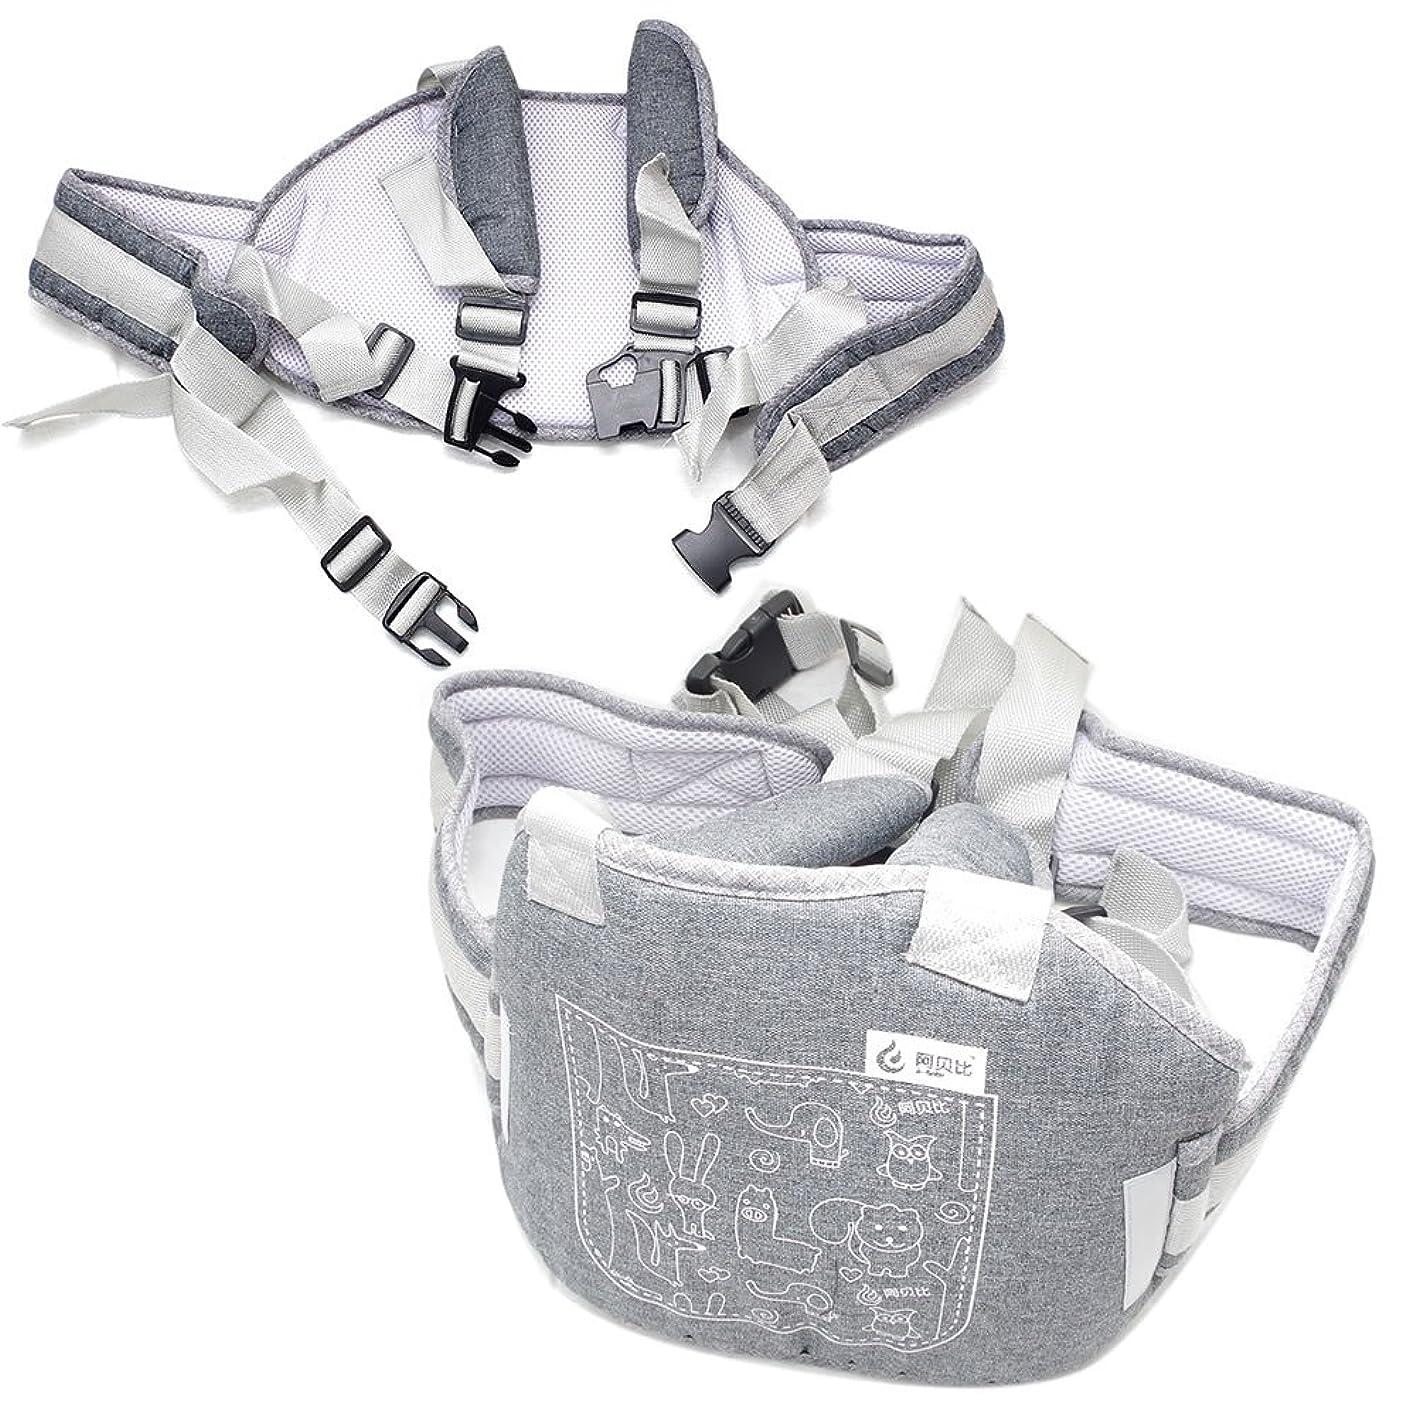 鮮やかな面白いデータベース子供 安全 タンデムベルト バイク用 シートベルト ストラップ ISM-BKBELT